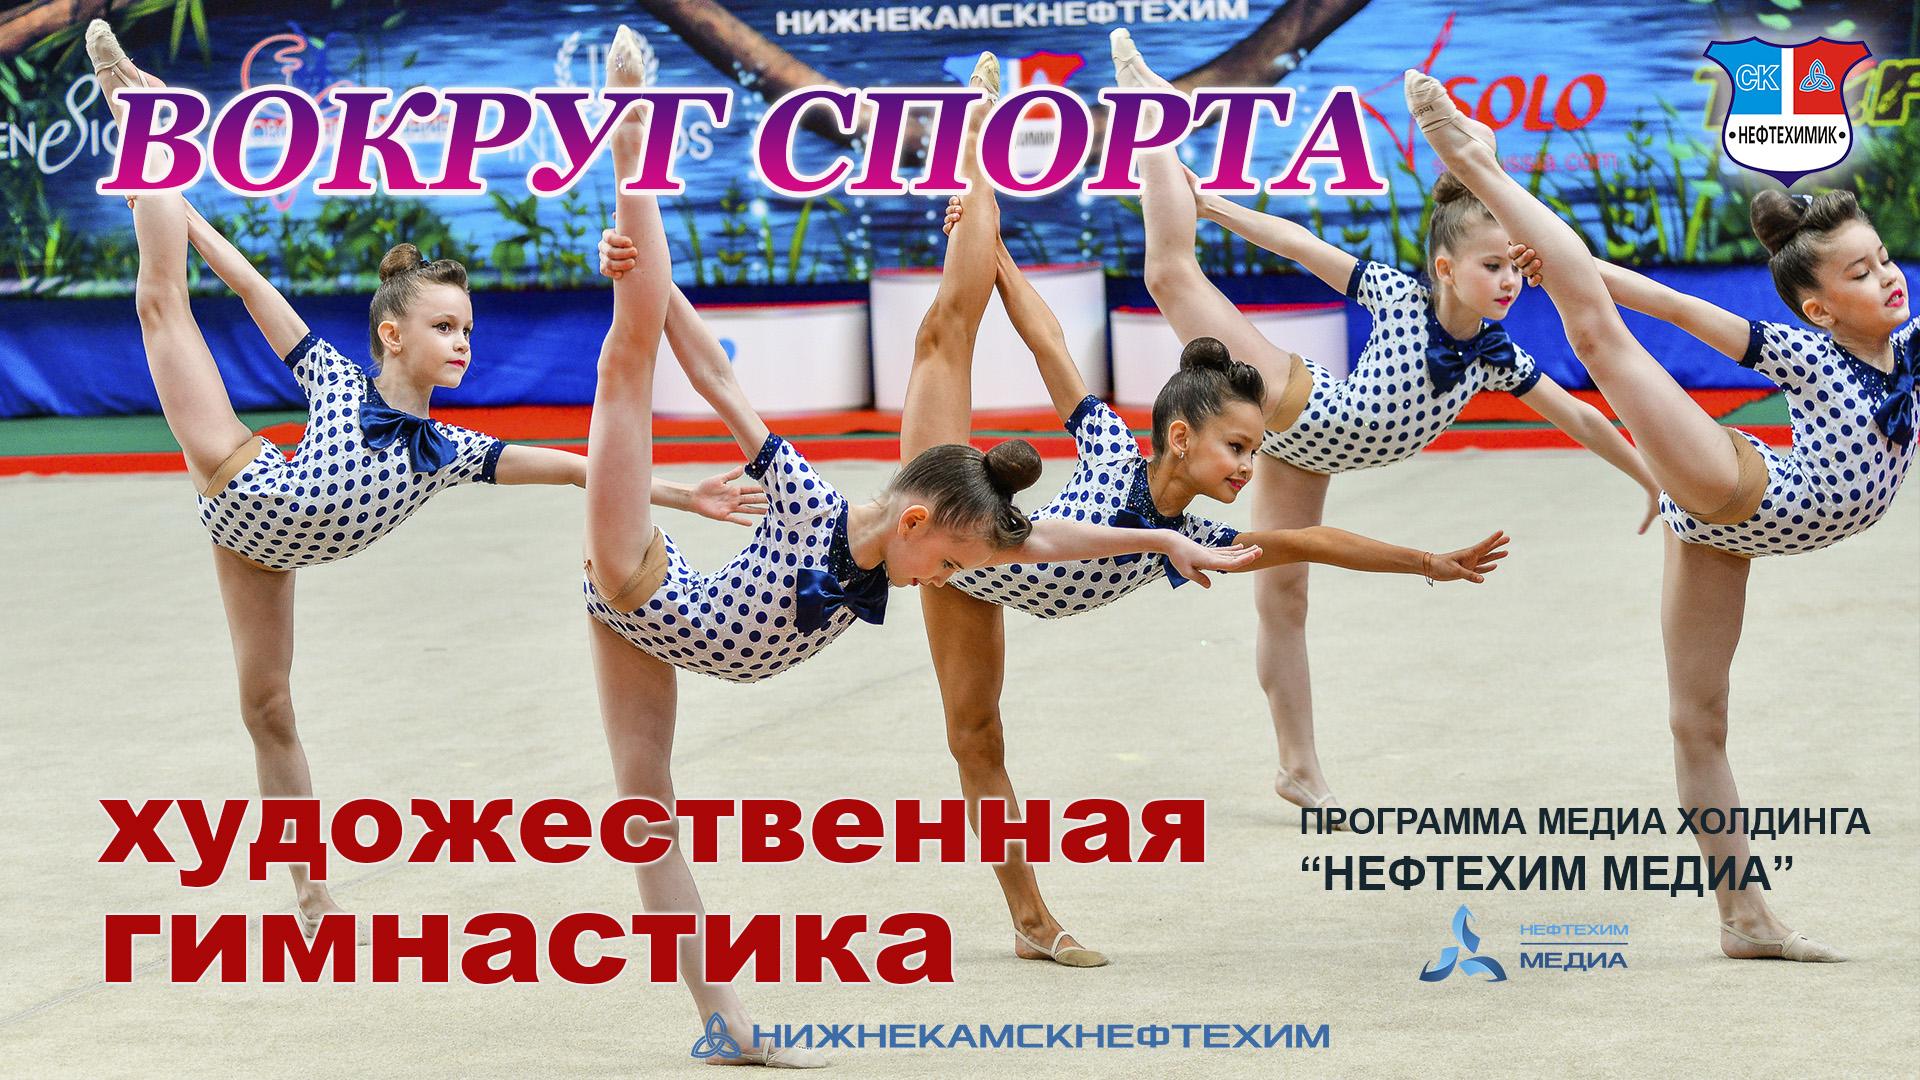 Вокруг спорта. Художественная гимнастика